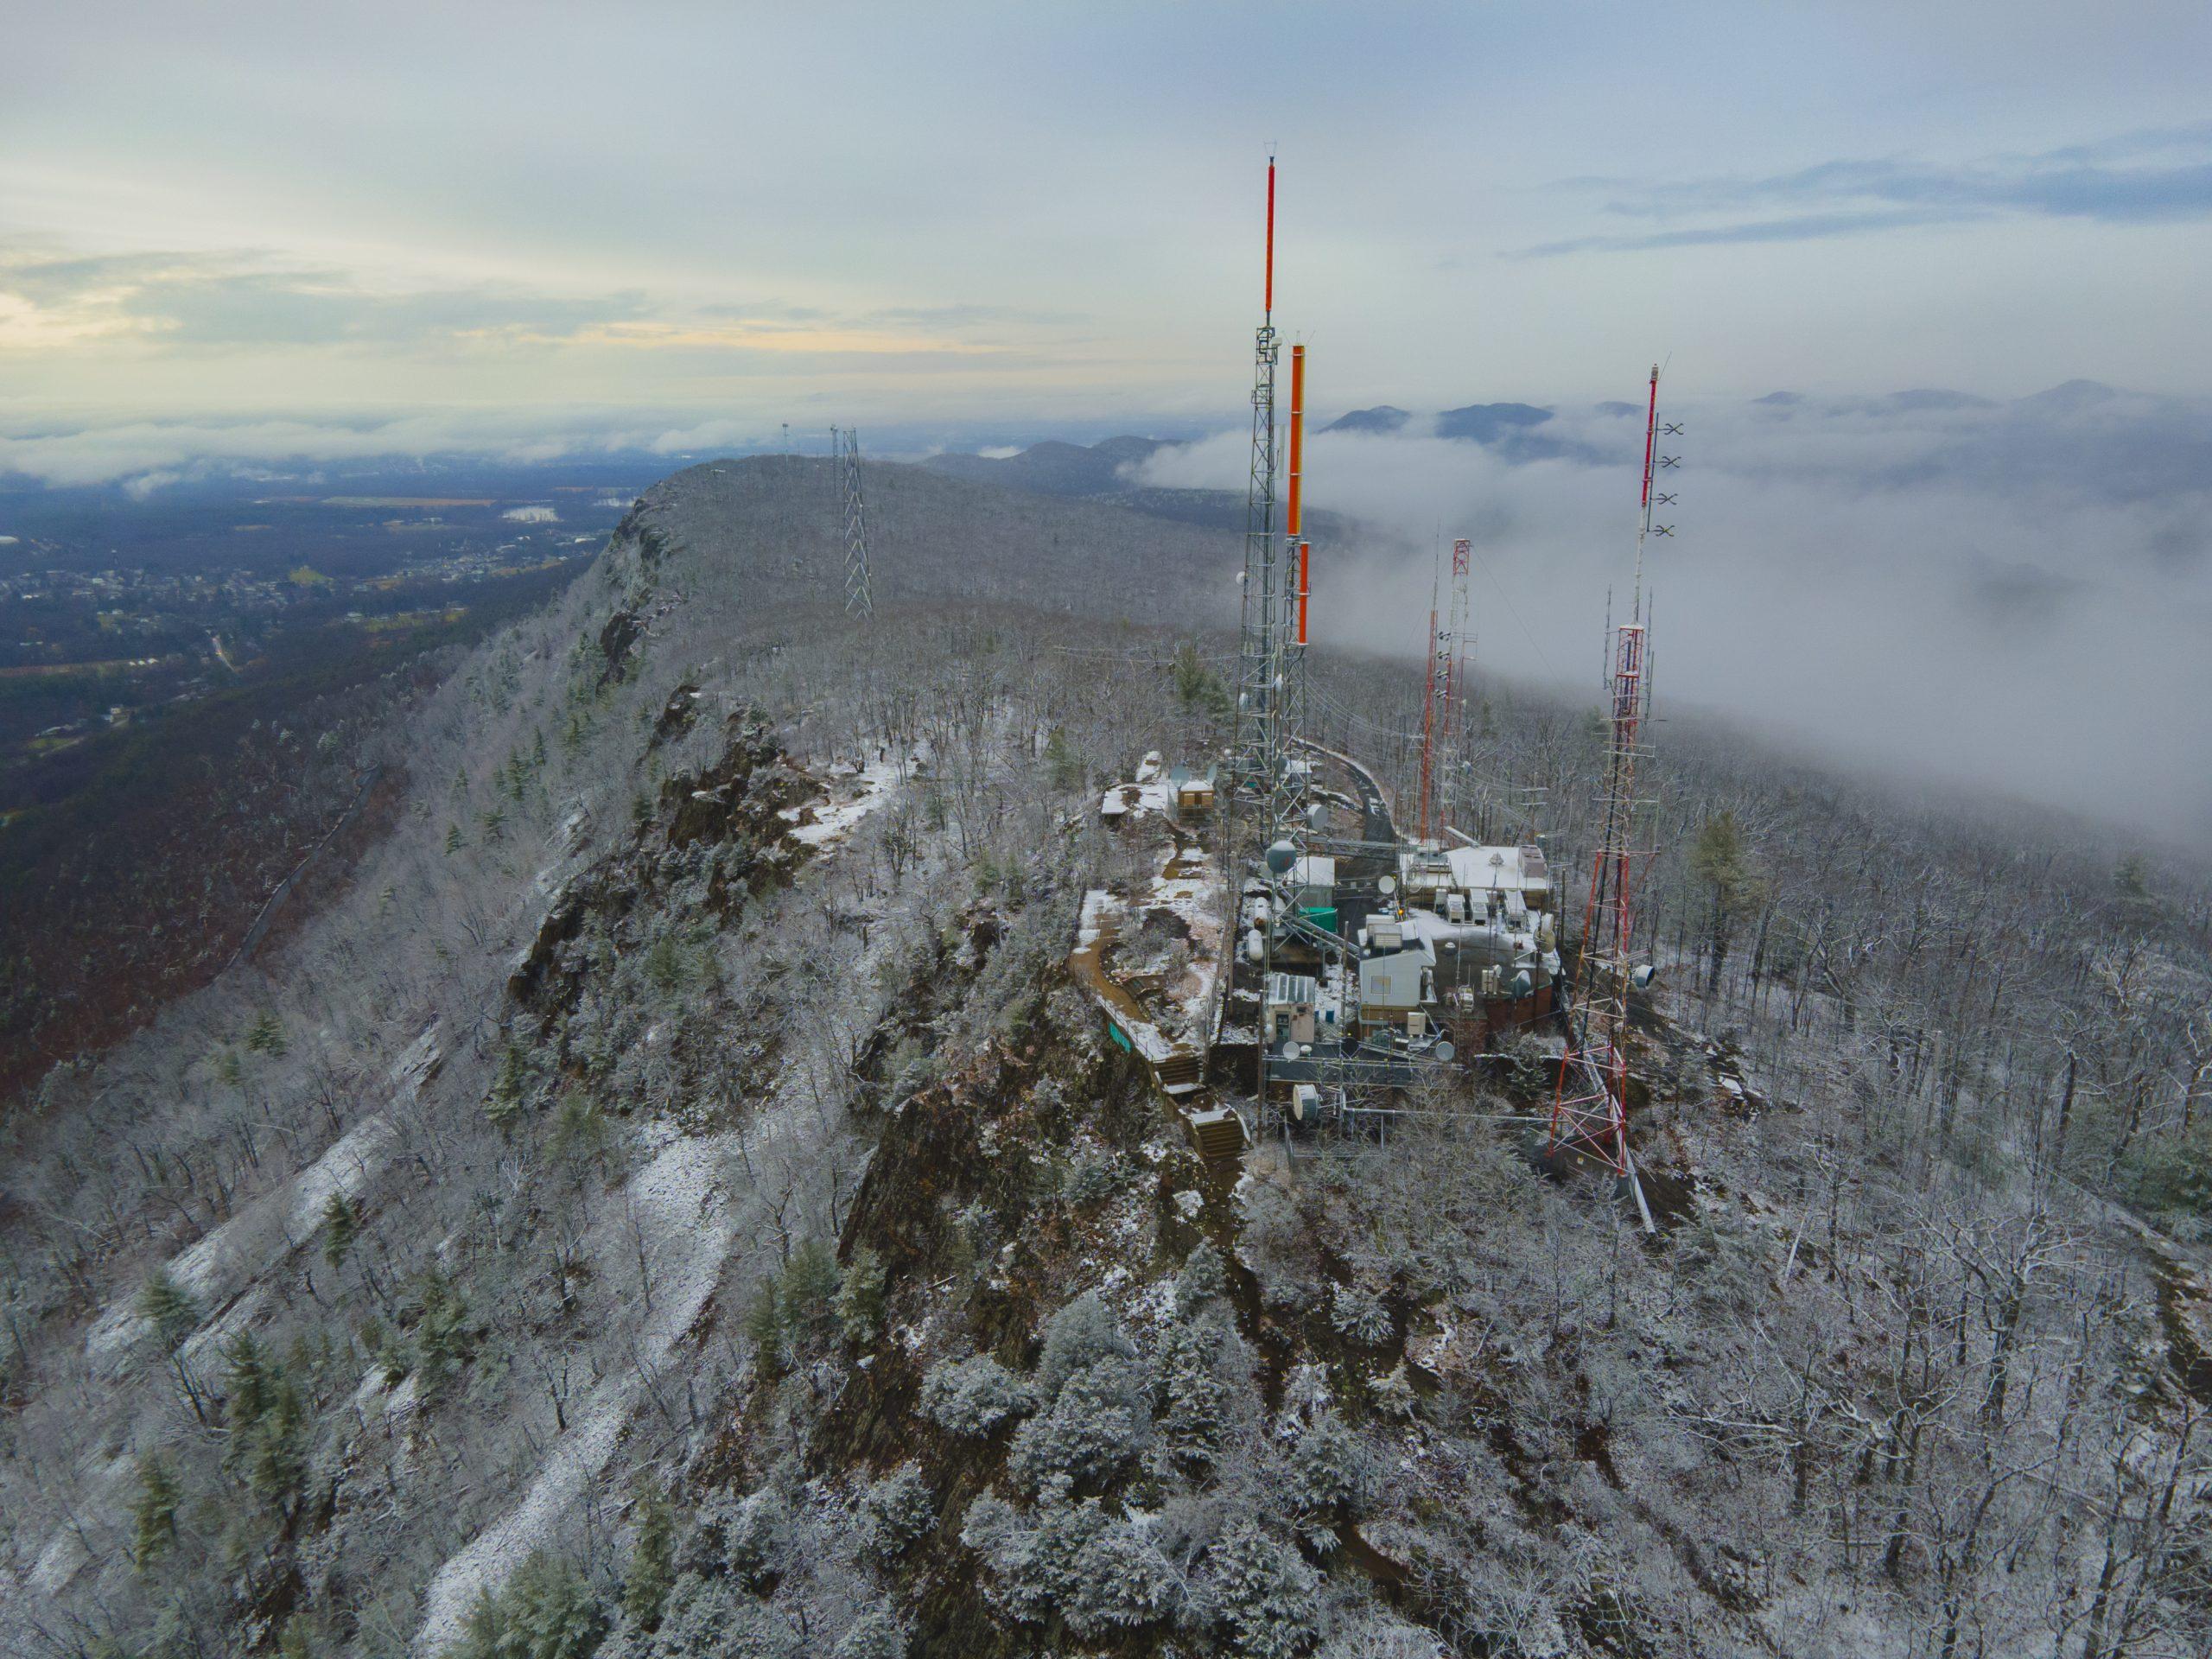 Snowy Mountain Radio Towers